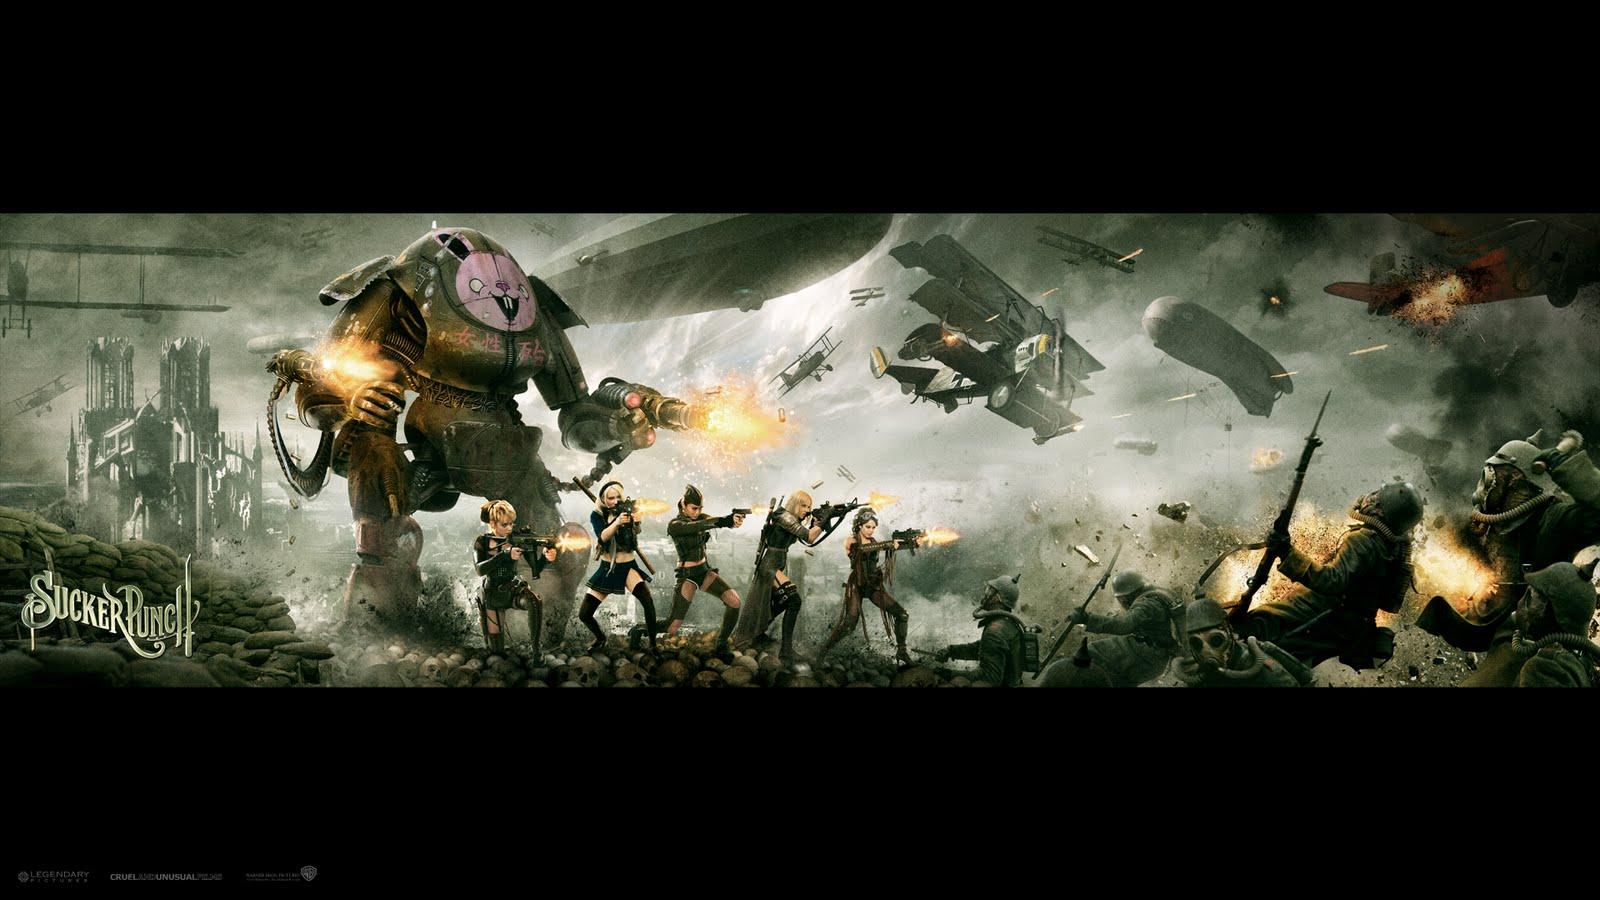 http://2.bp.blogspot.com/-S_dMuRjOD18/TaBwCvSO4BI/AAAAAAAAAHk/J6c7qQ4FtCQ/s1600/Sucker+Punch+Movie+Wallpapers+7.jpg